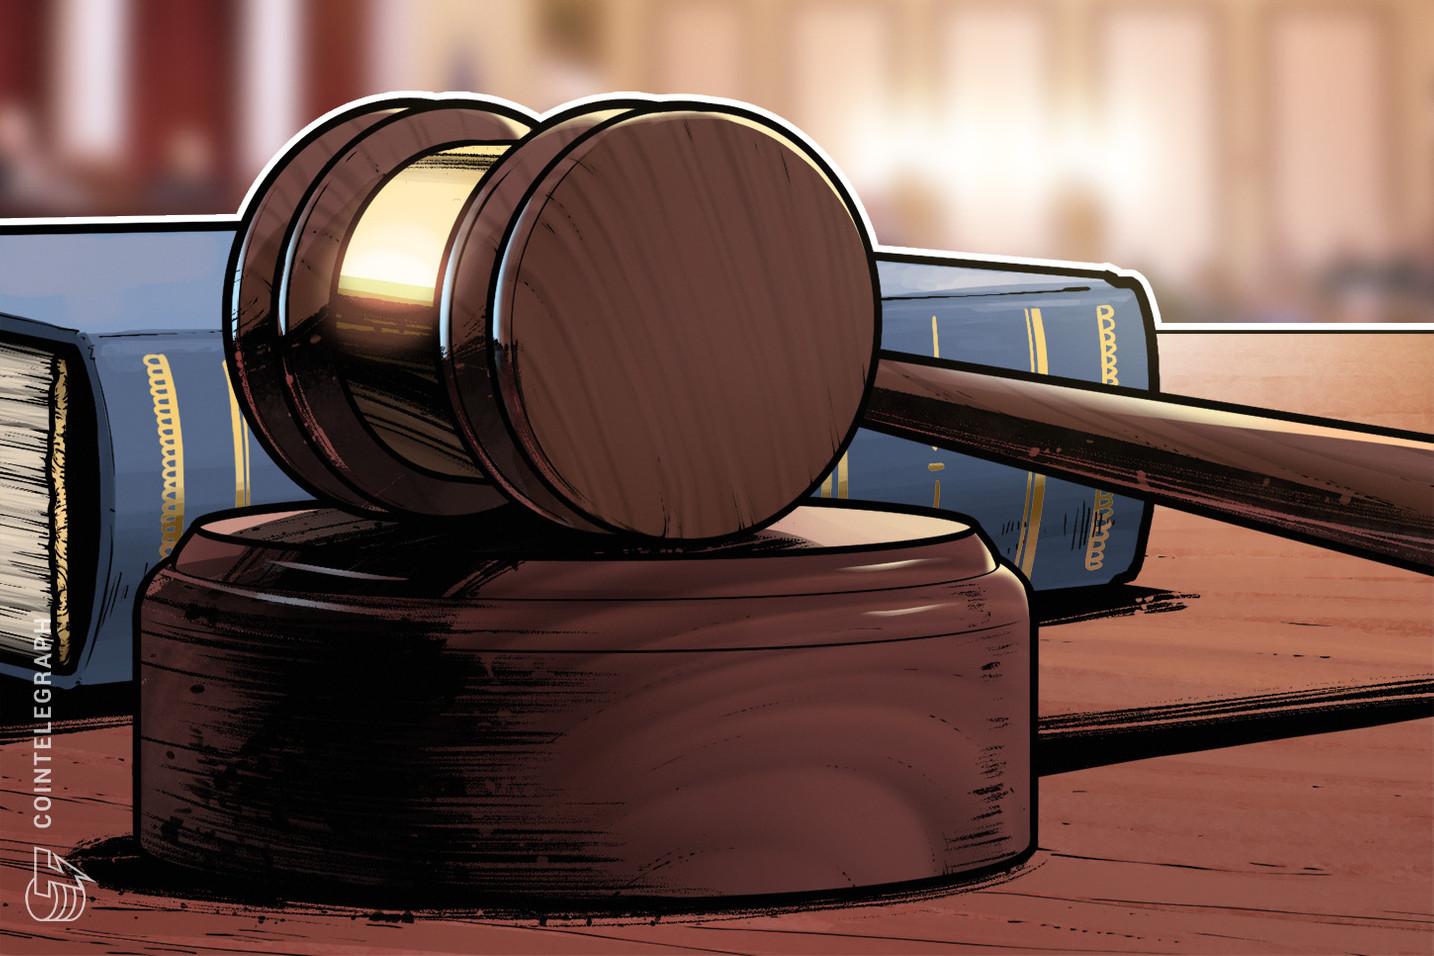 BaFin warnt vor Moneeda AG und 69 Brokers wegen fehlender Lizenz für Deutschland